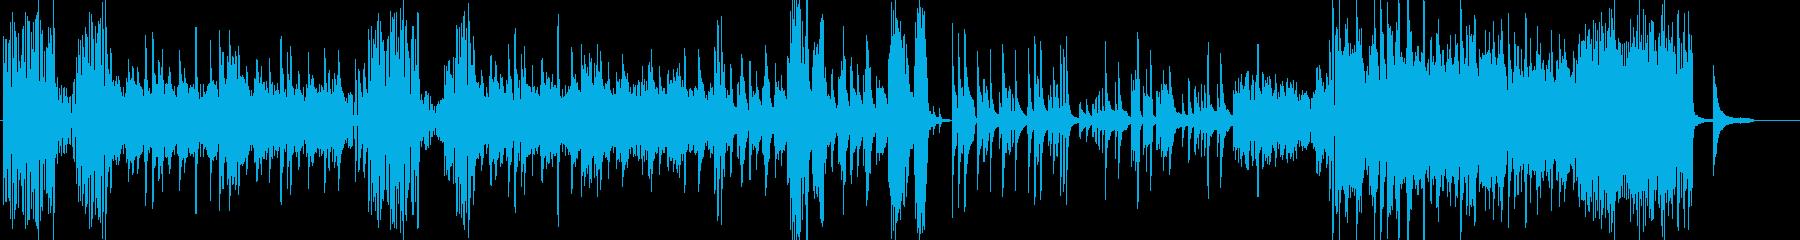 激しく切ないピアノソロ曲の再生済みの波形